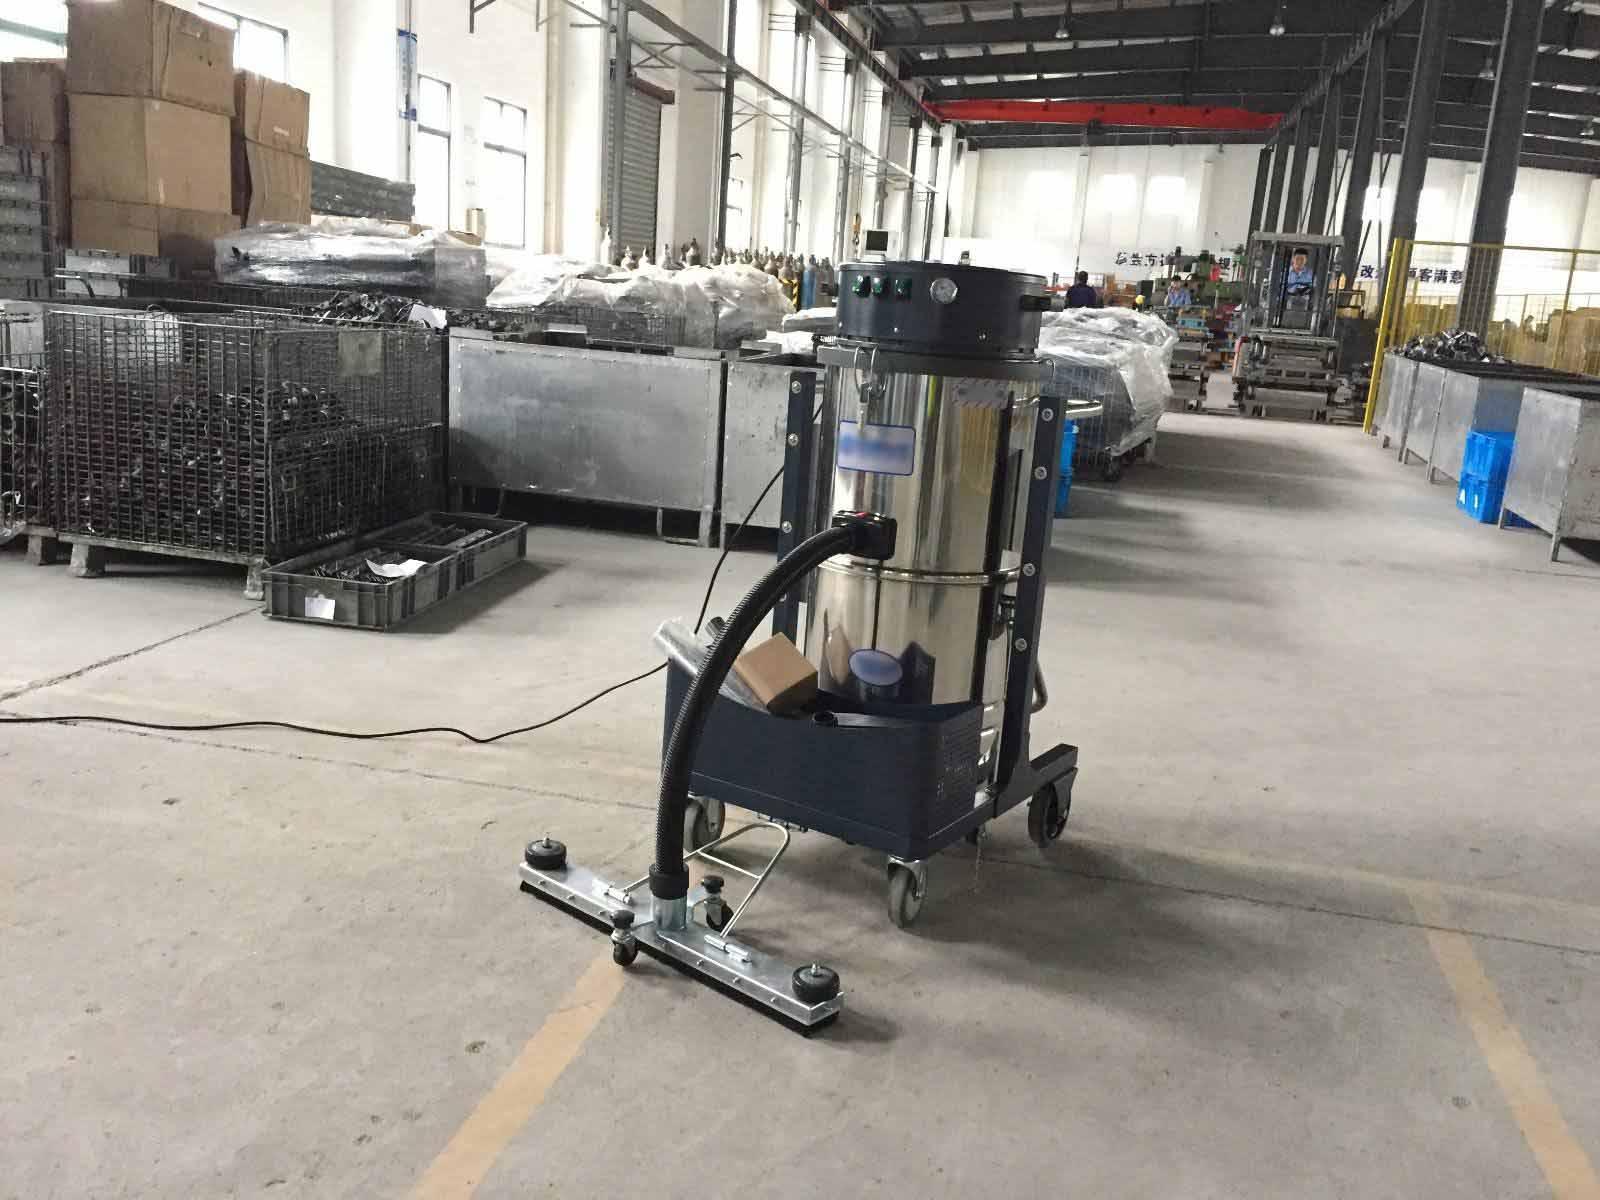 工厂应选购什么样的工业吸尘器?鑫金邦告诉你